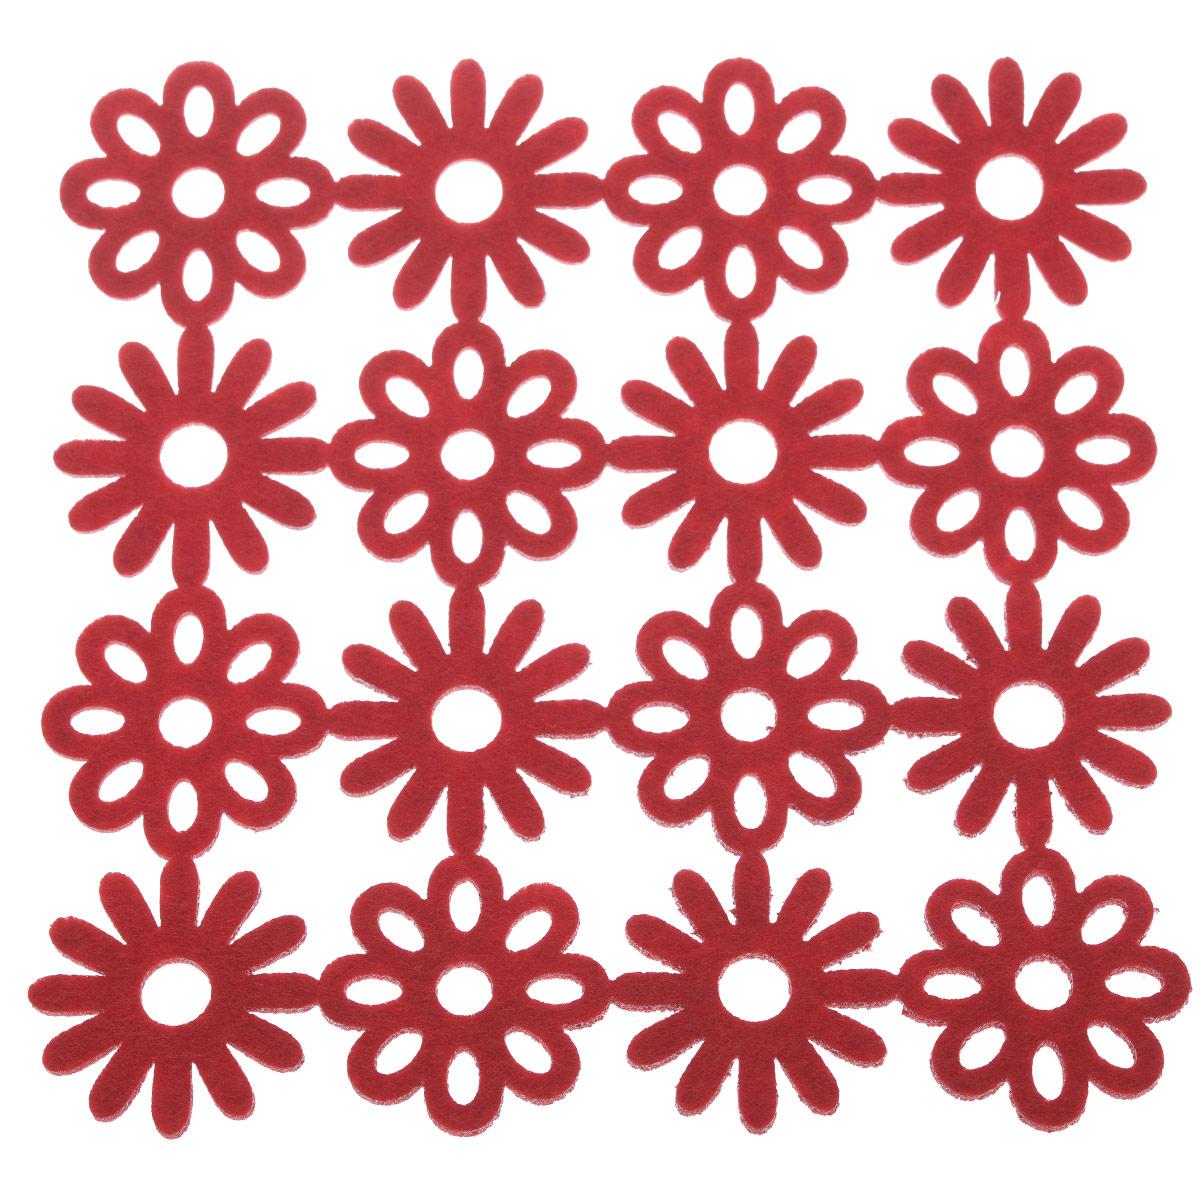 Салфетка-подставка Orange, квадратная, цвет: красный, 20 х 20 см115510Салфетка Orange используется как подставка под горячее. Так же возможно использование как украшение интерьера.